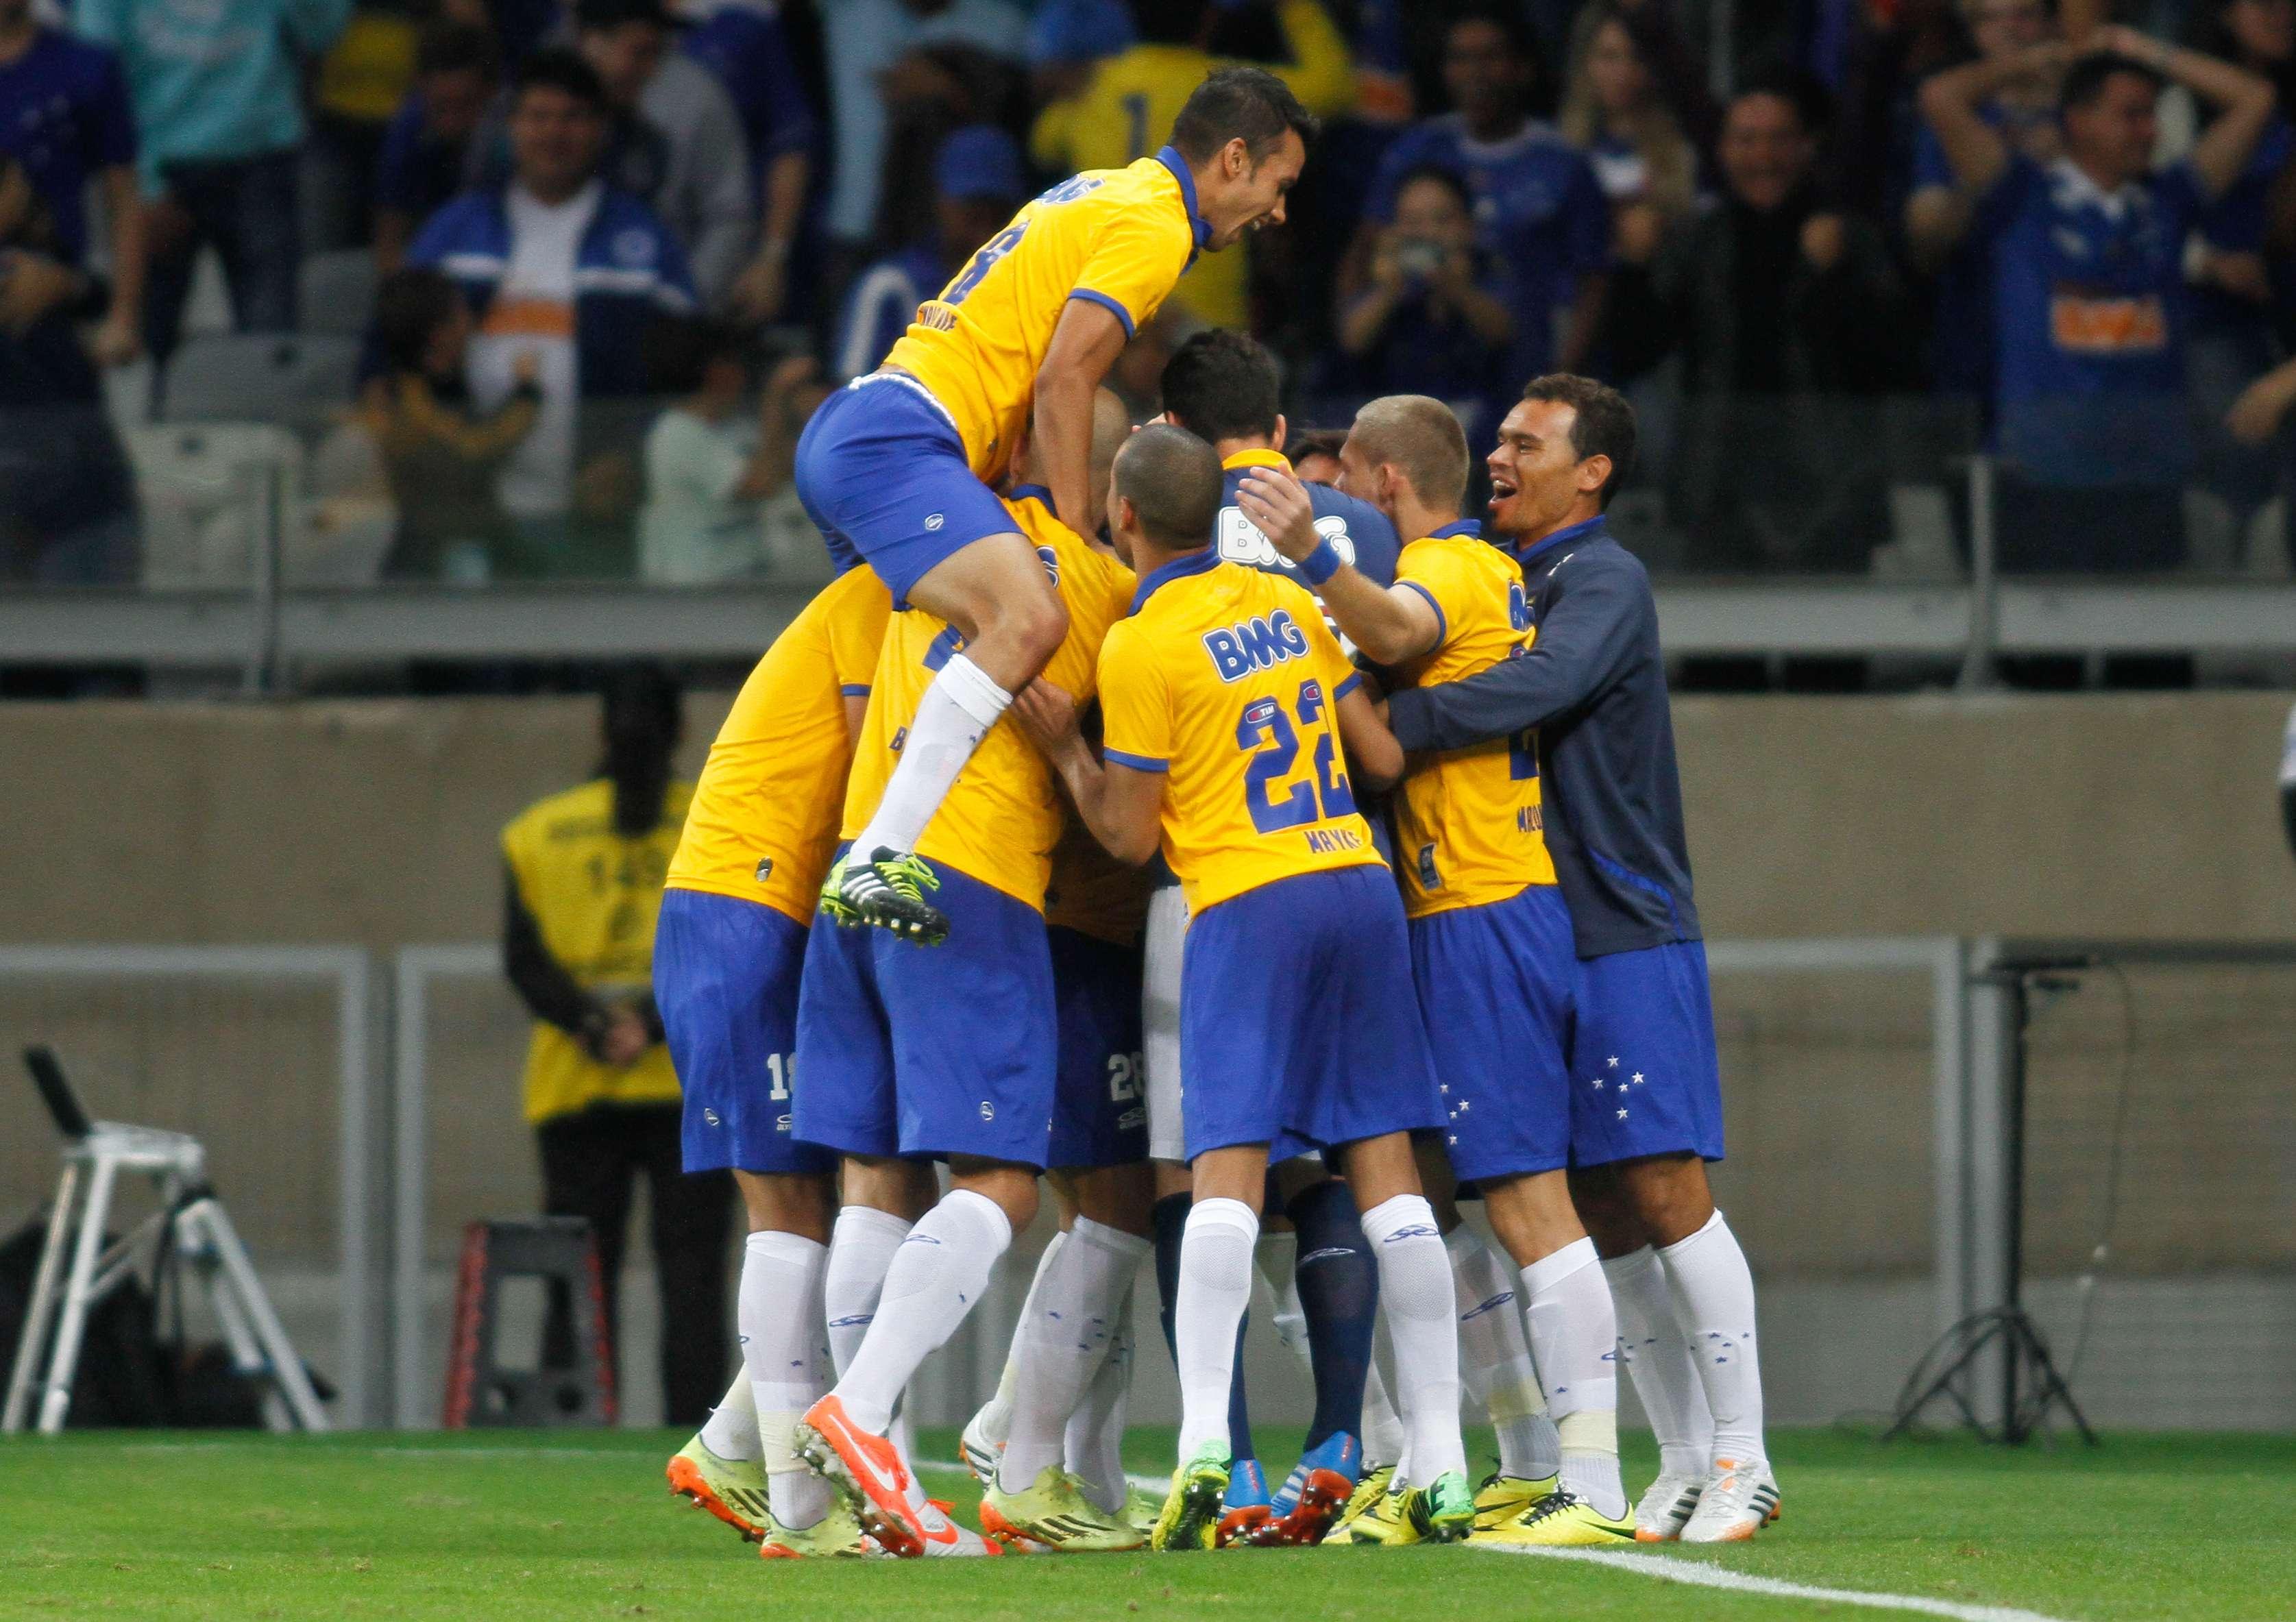 O Cruzeiro se despediu nesta quarta-feira do Mineirão com vitória por 2 a 0 sobre o Sport Foto: Ramon Bittencourt/Agência Lance